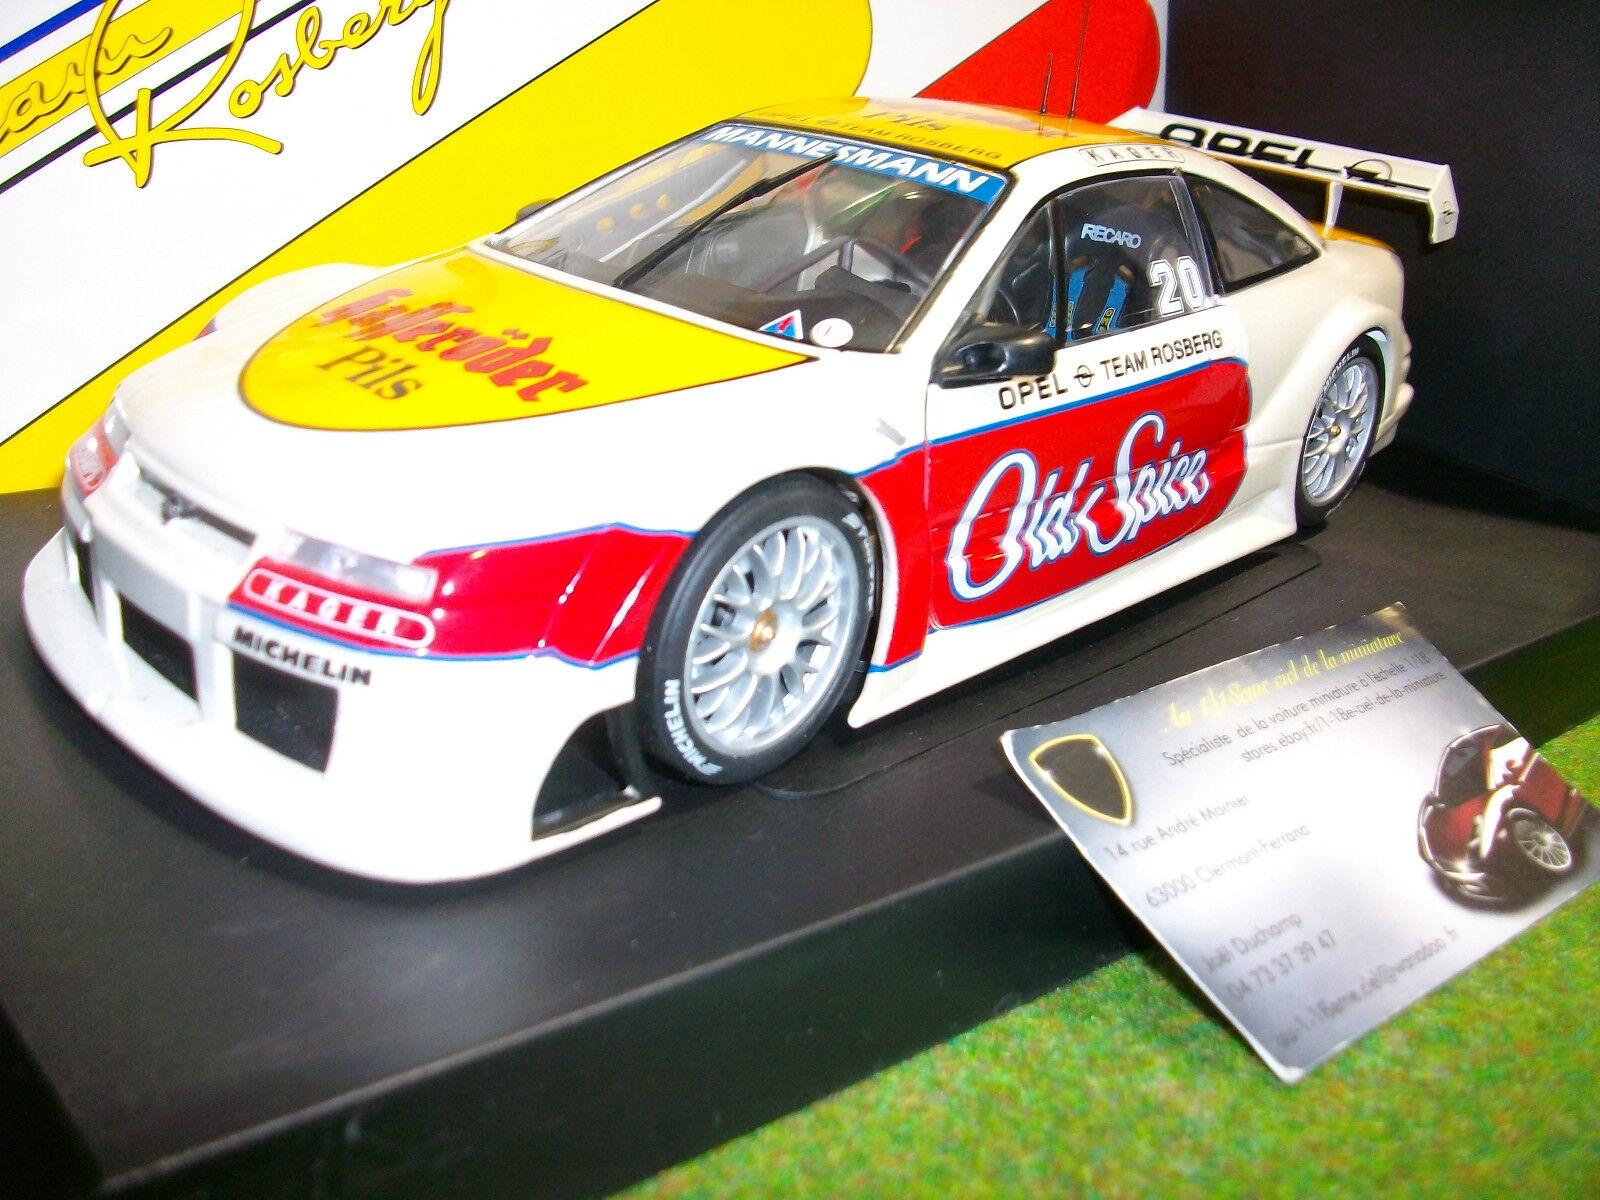 OPEL CALIBRA ITC 1996 TEAM ROSBERG  20 au 1 18 UT Models 180964280 voiture